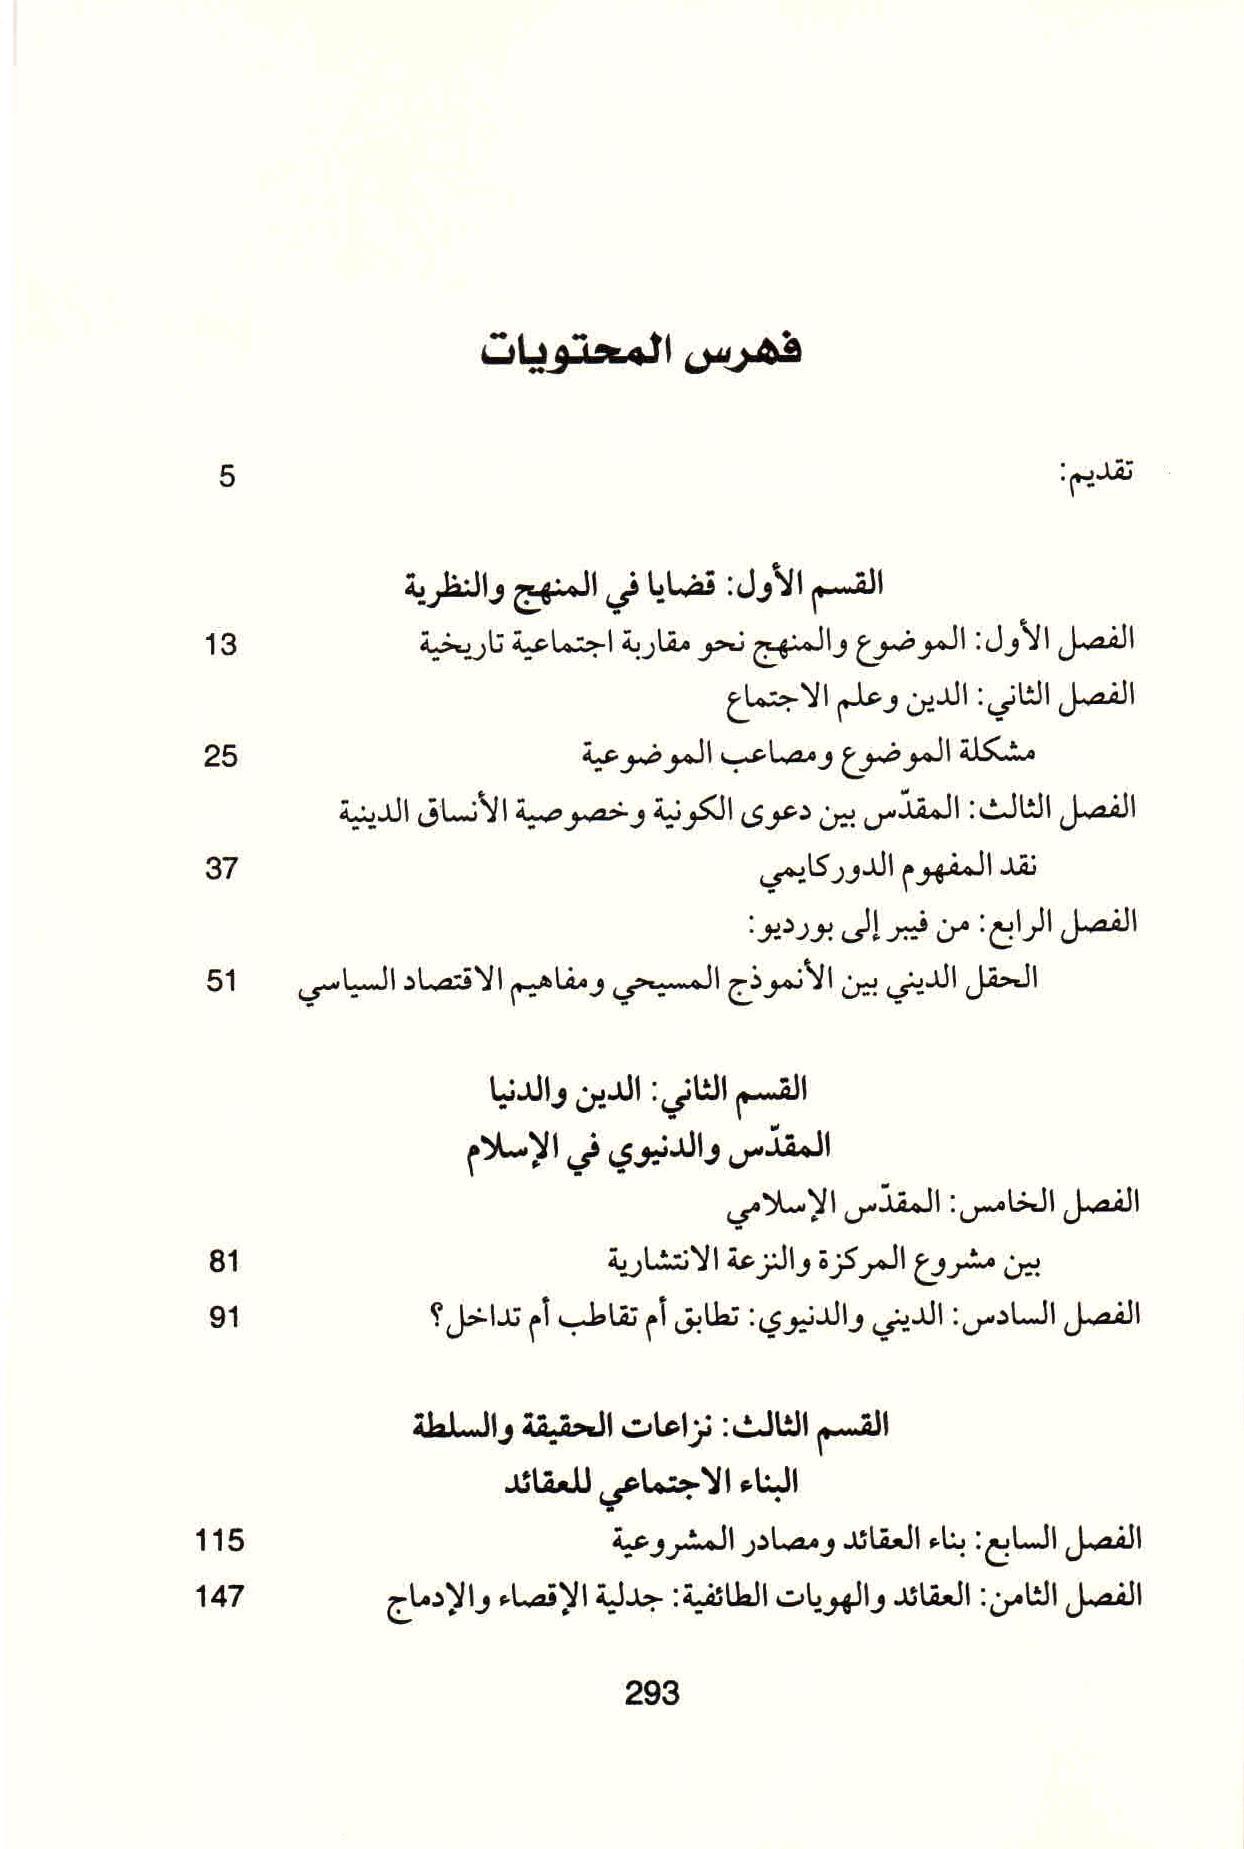 ص 293محتويات كتاب في الموروث الديني الإسلامي